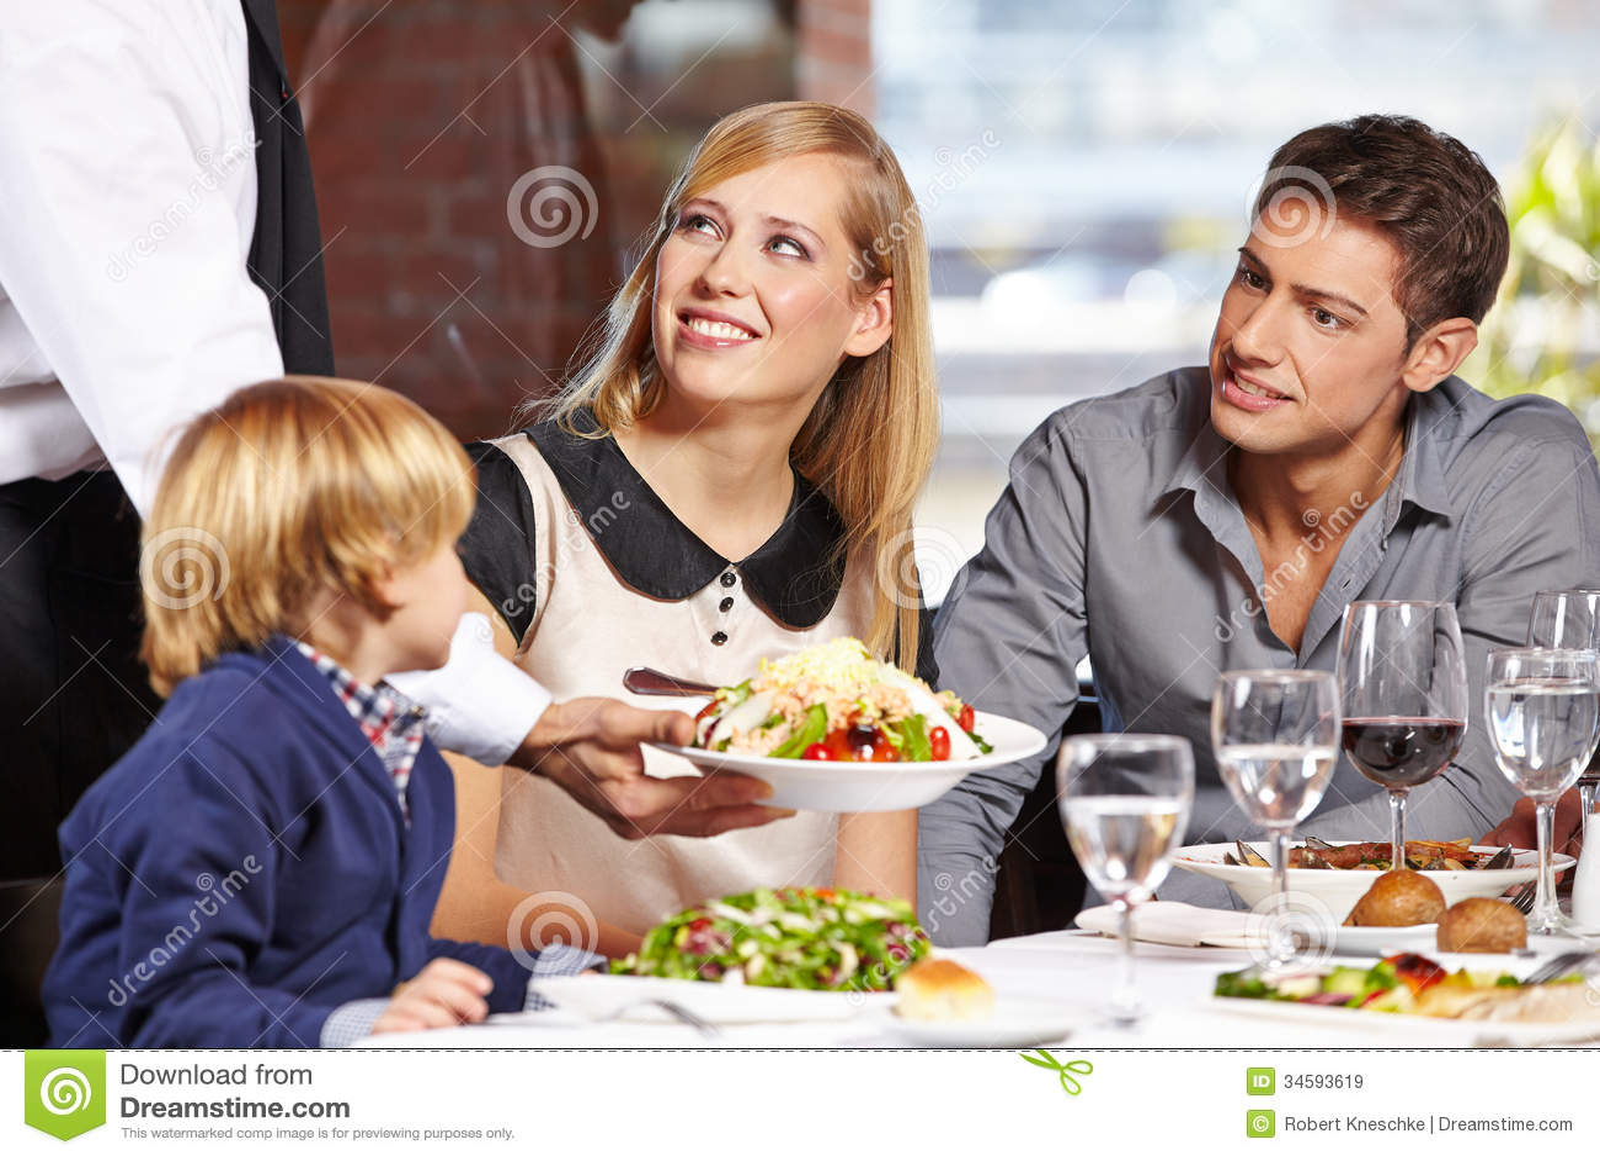 Waiter serving family in restaurant